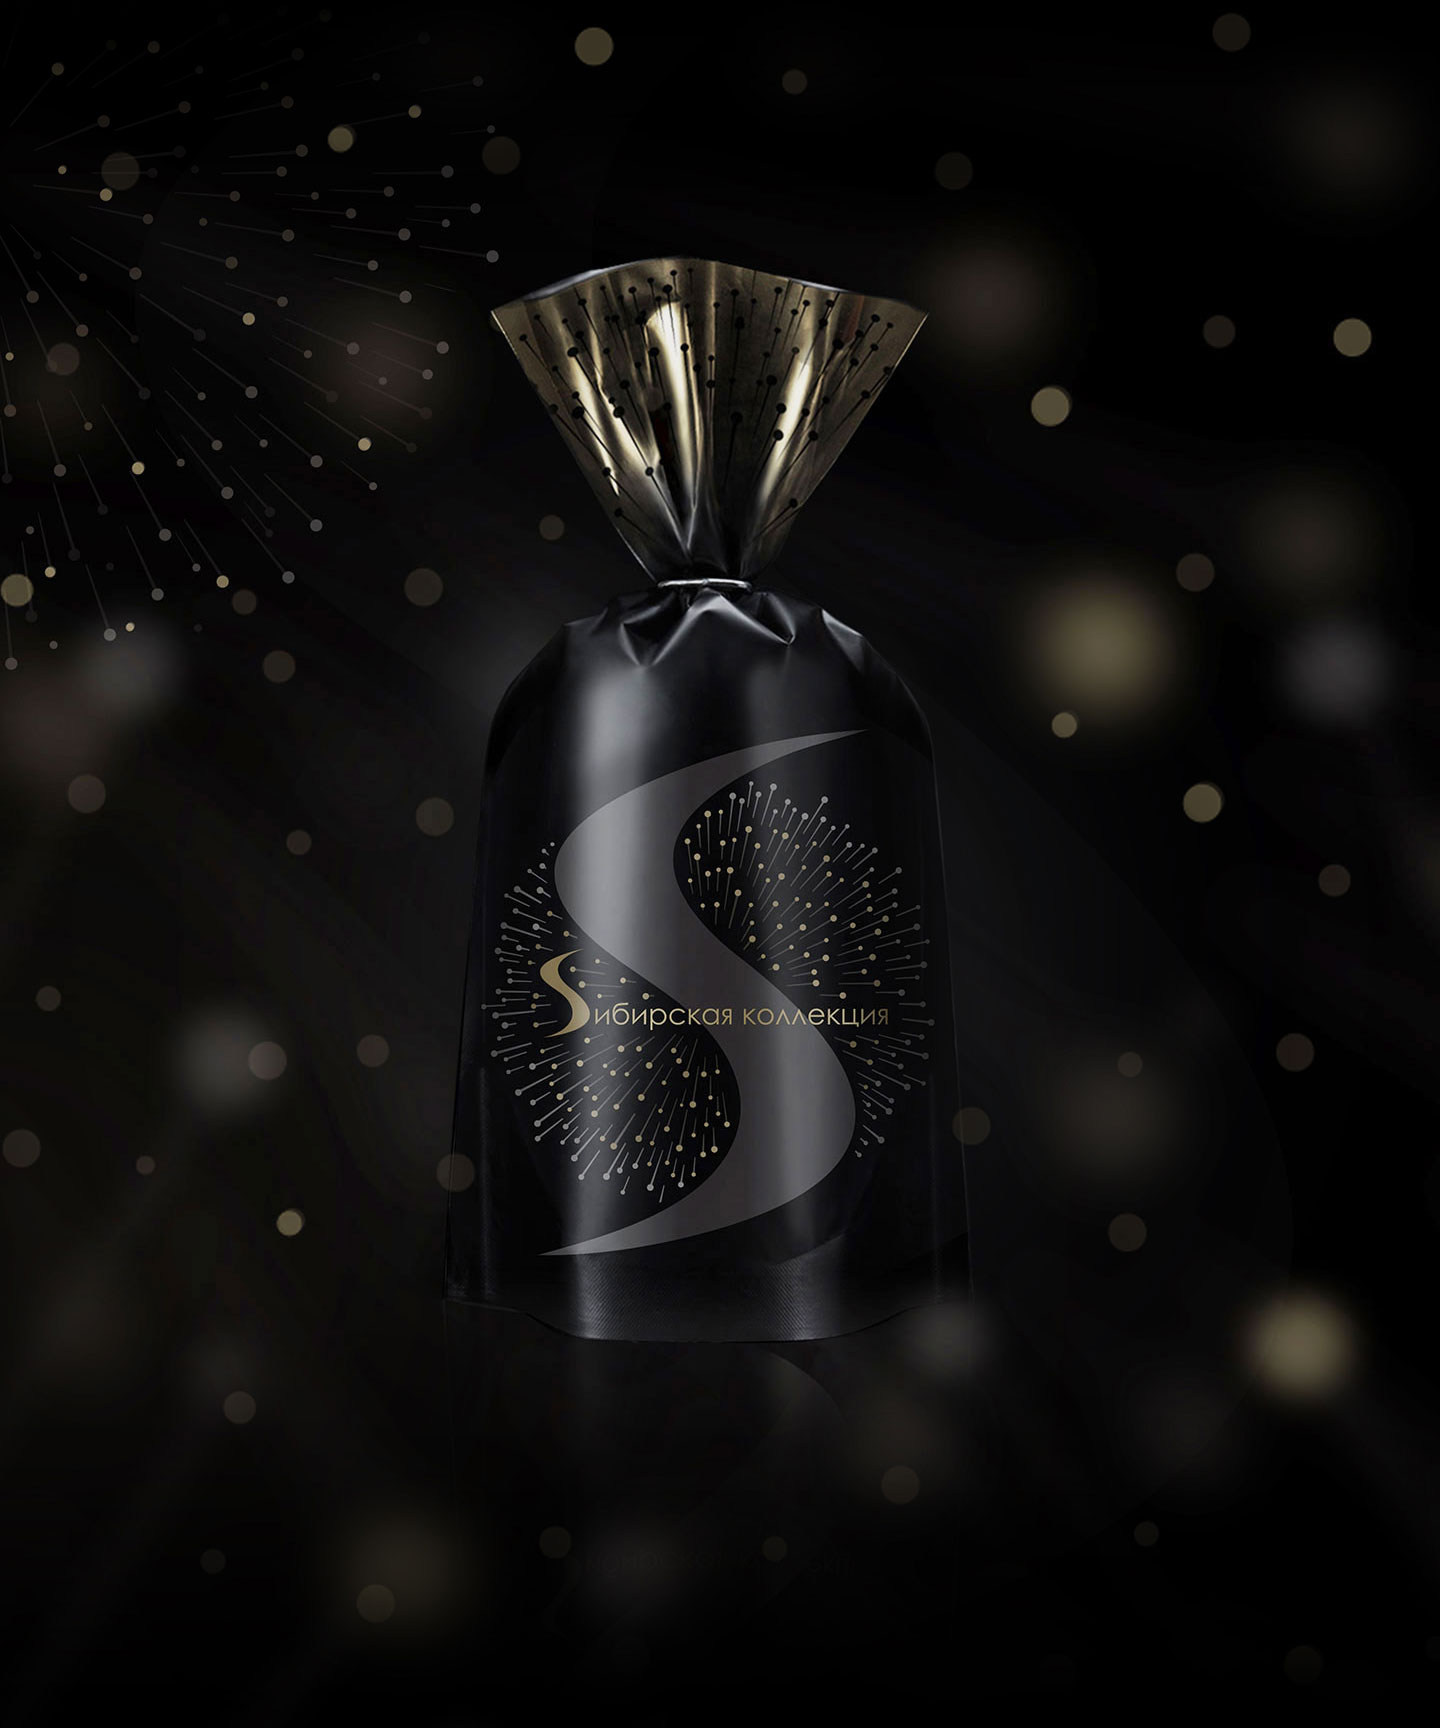 Siberian Collection, Packaging, Oksana Kudryavseva & Nikita Konkin